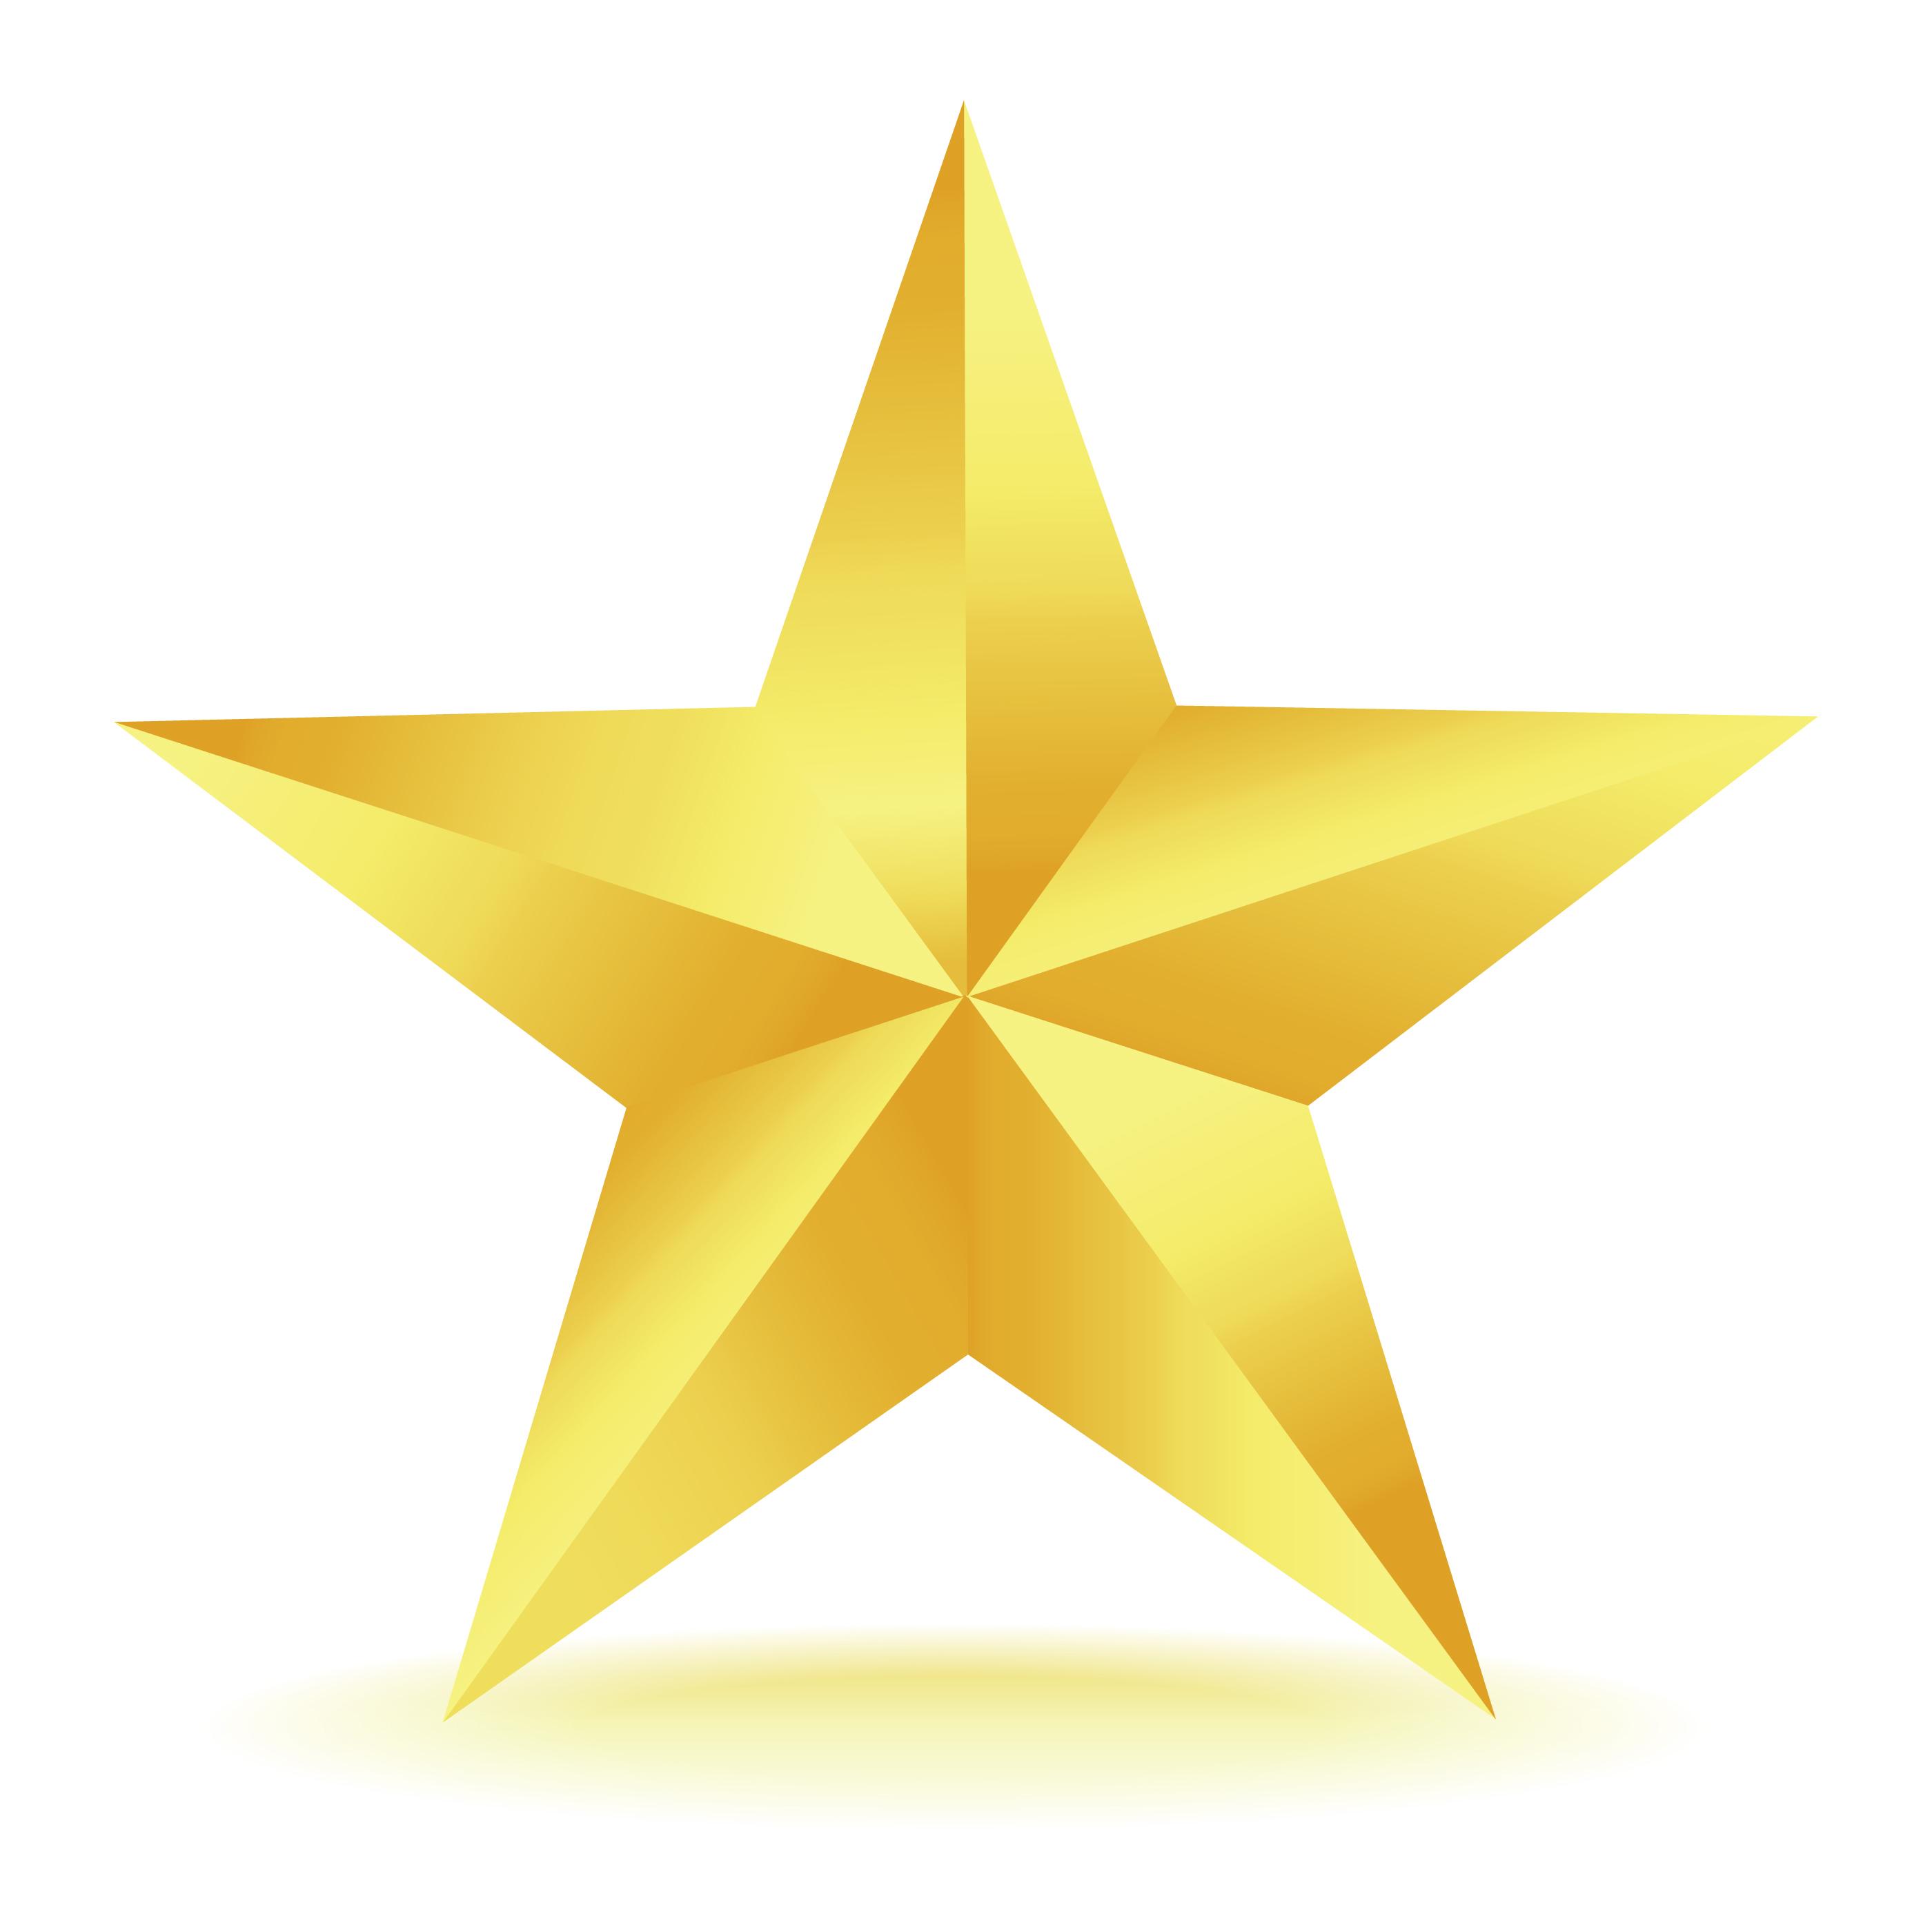 gold-star-clipart-diraAp9i9.jpeg